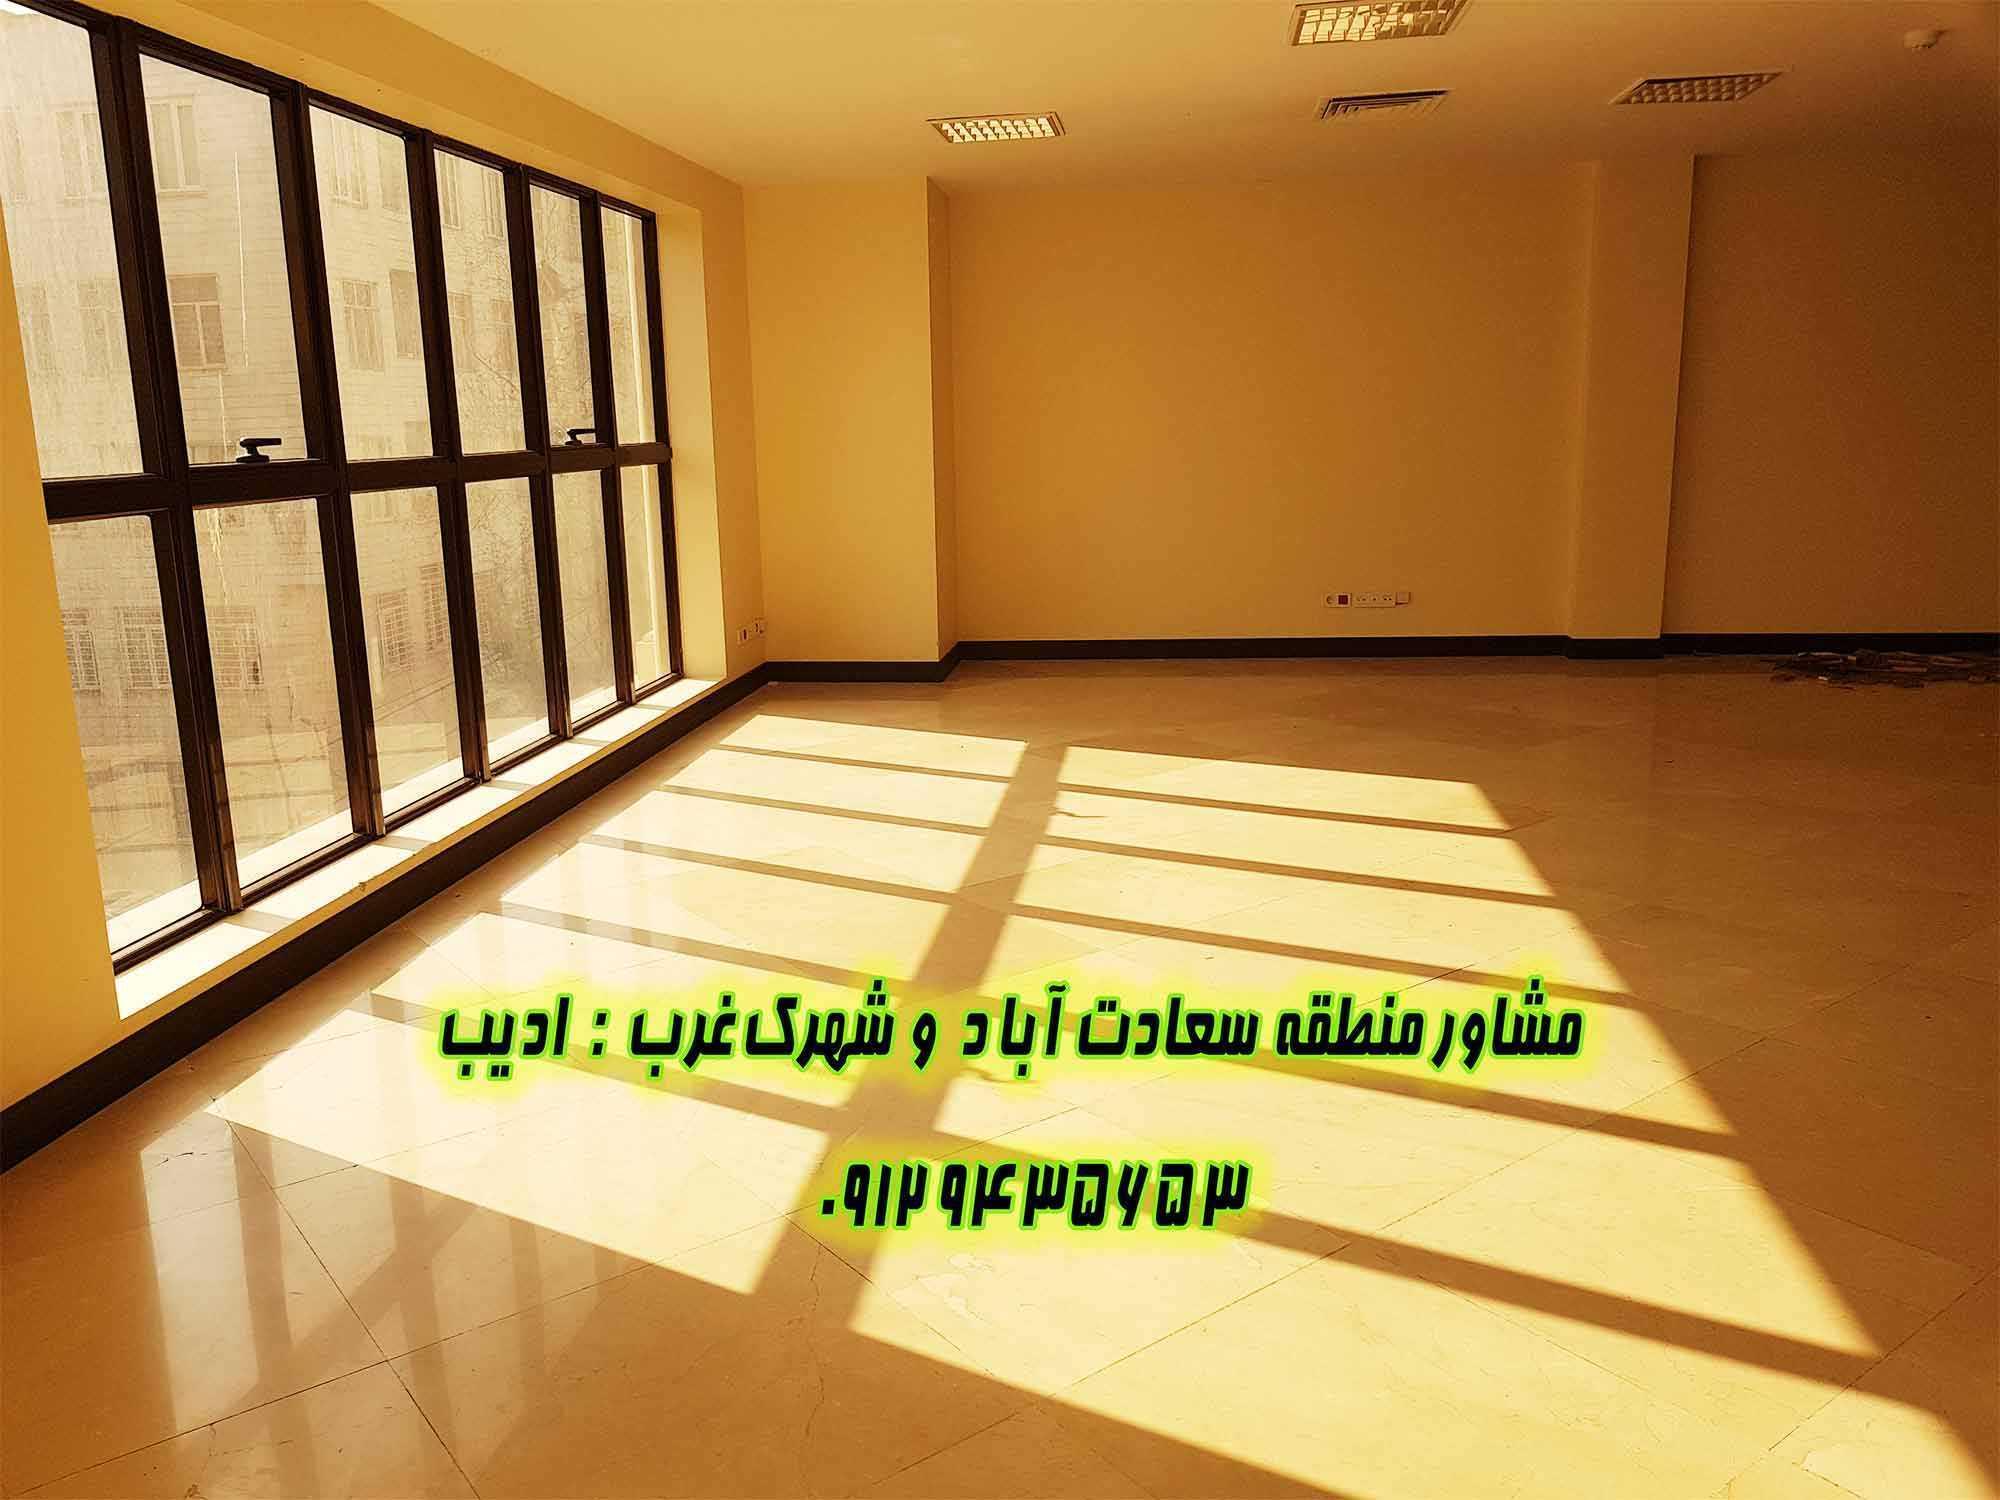 خرید آپارتمان موقعیت اداری سعادت آباد